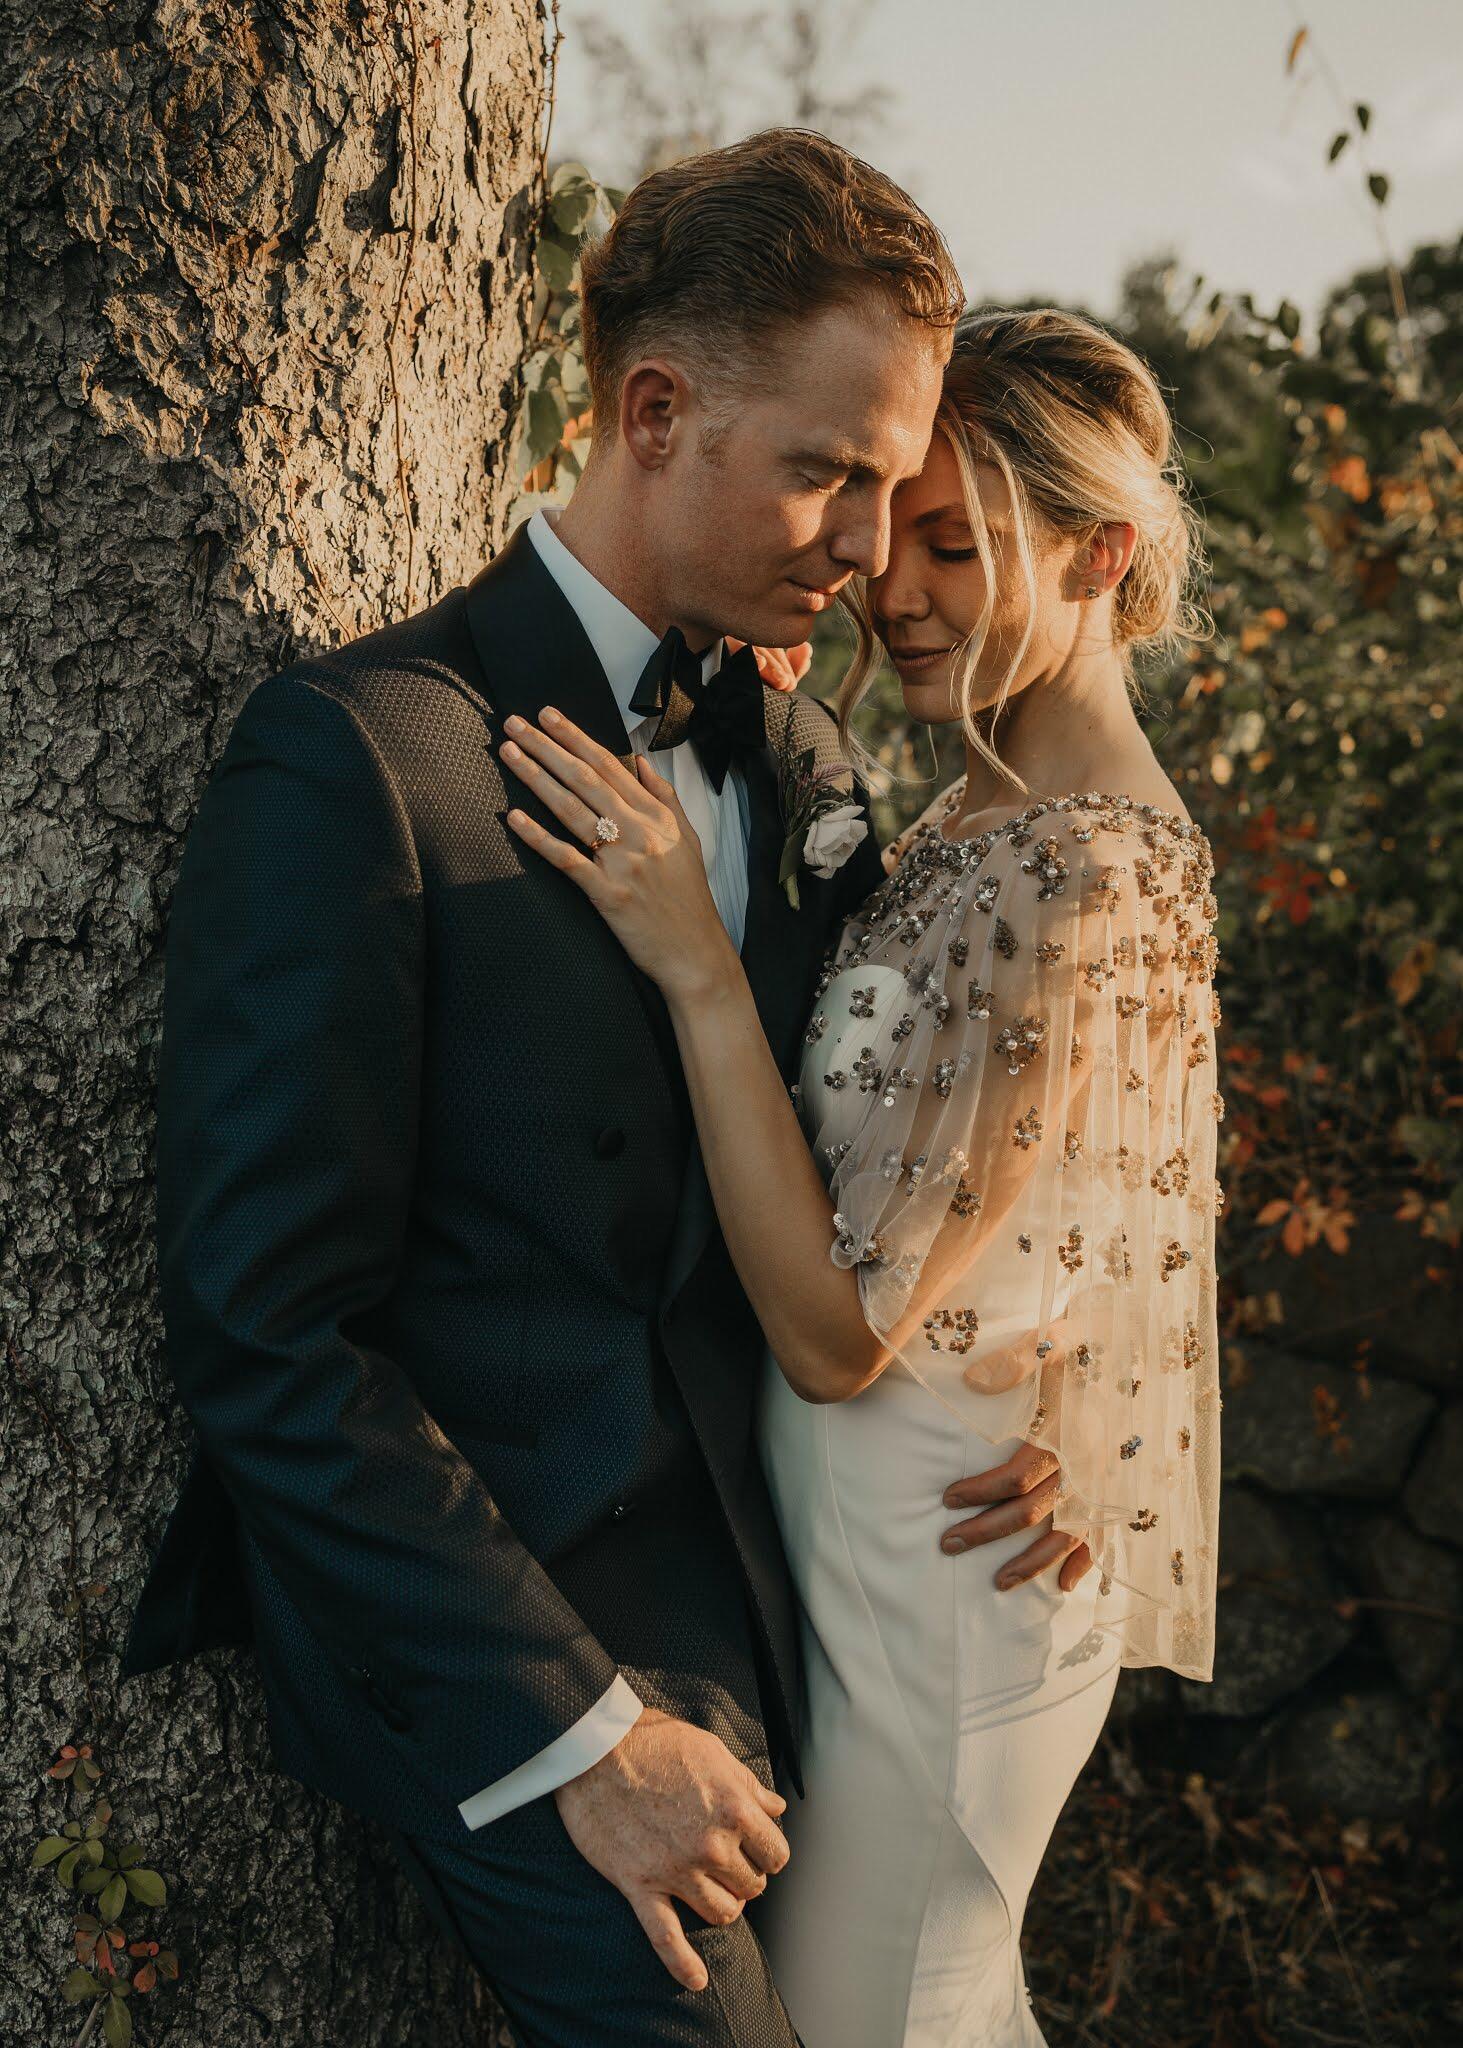 Linley + Eric's tented wedding in Farmington, CT.